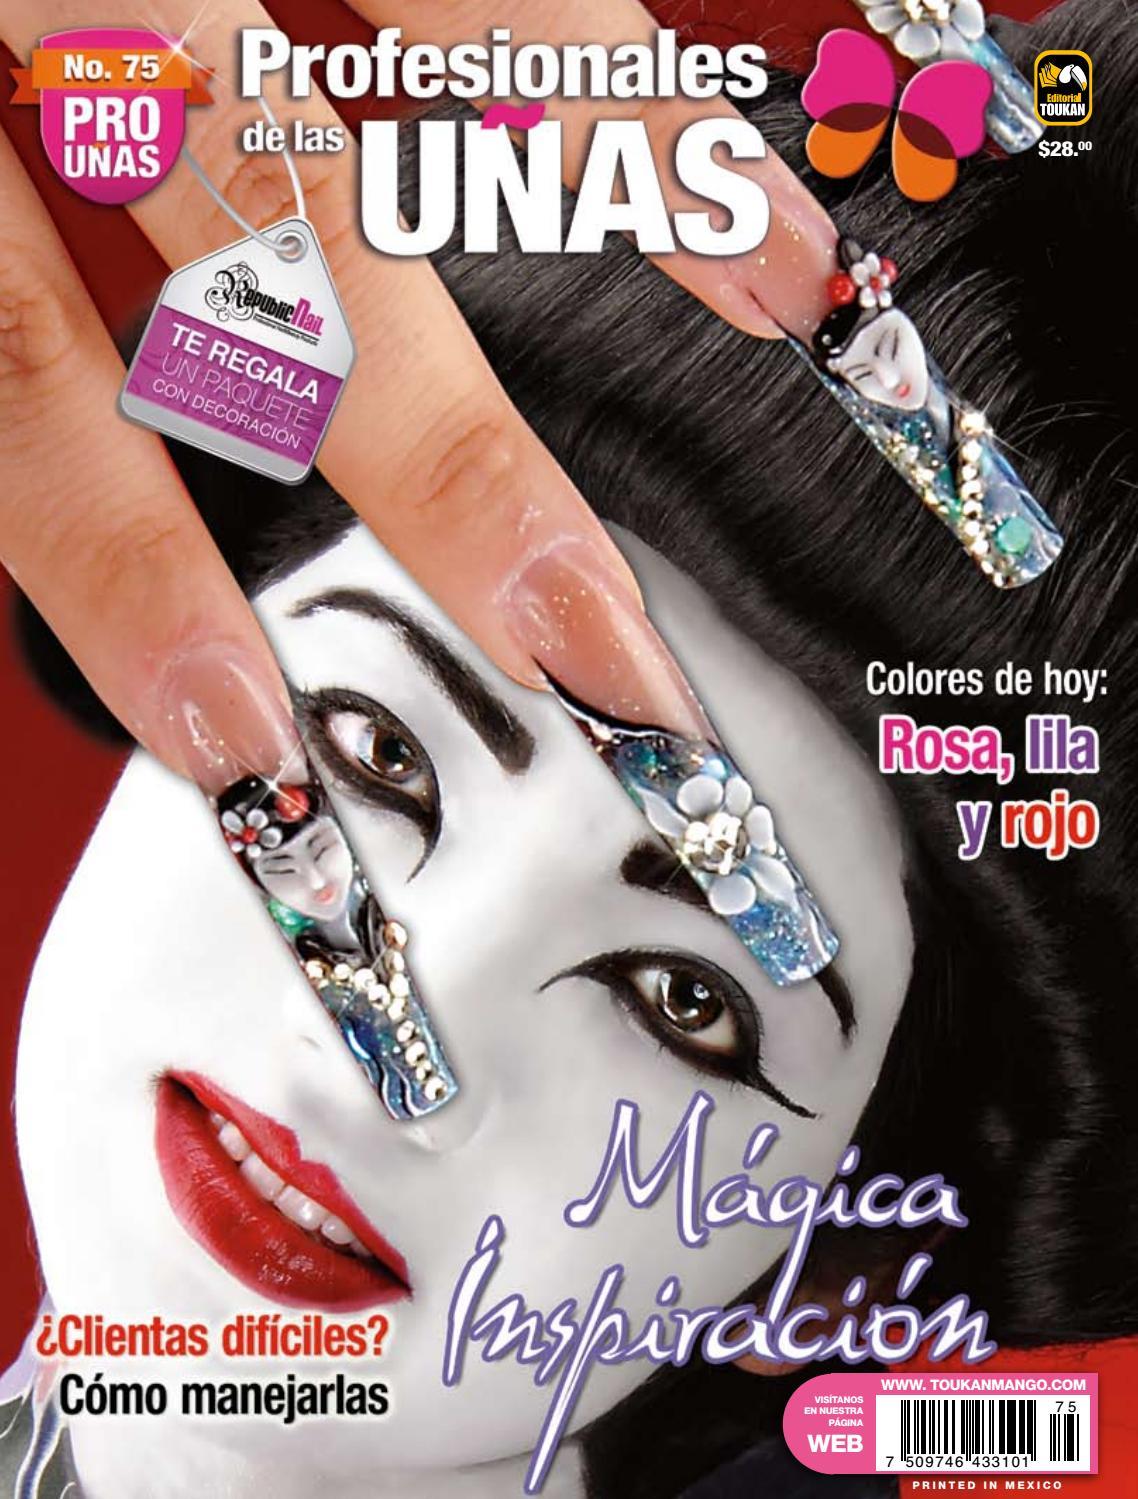 Profesionales de las uñas No. 75 by Editorial Toukan - issuu